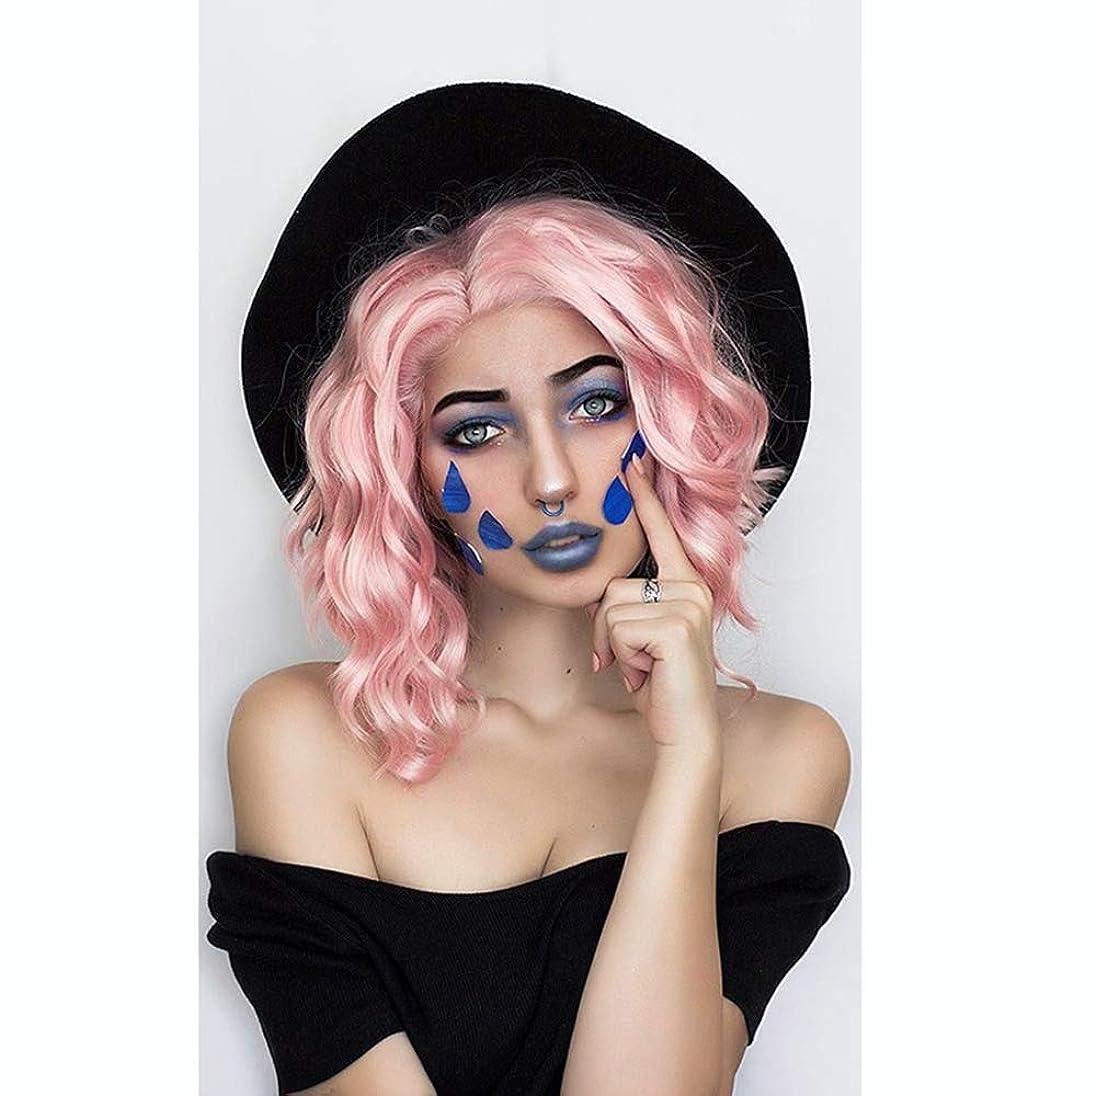 シェアブランク主婦女性のかつら、ファッション前髪ピンクの短い巻き毛のふわふわの髪のかつら、パーティーロールプレイング小さな波かつら